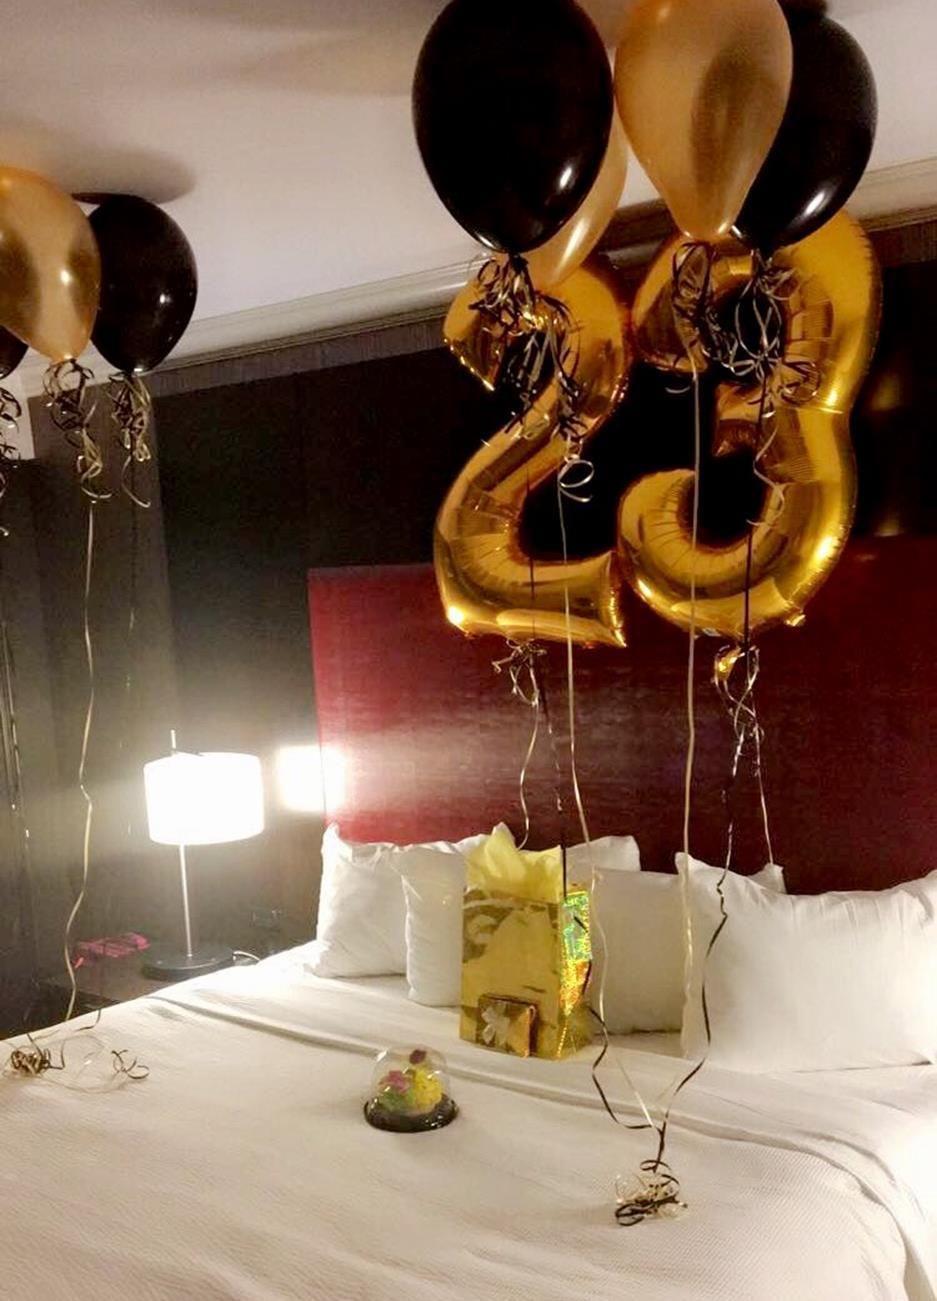 Birthday Gifts For Boyfriend Journalingsage Decorating Ideas Surprise 21